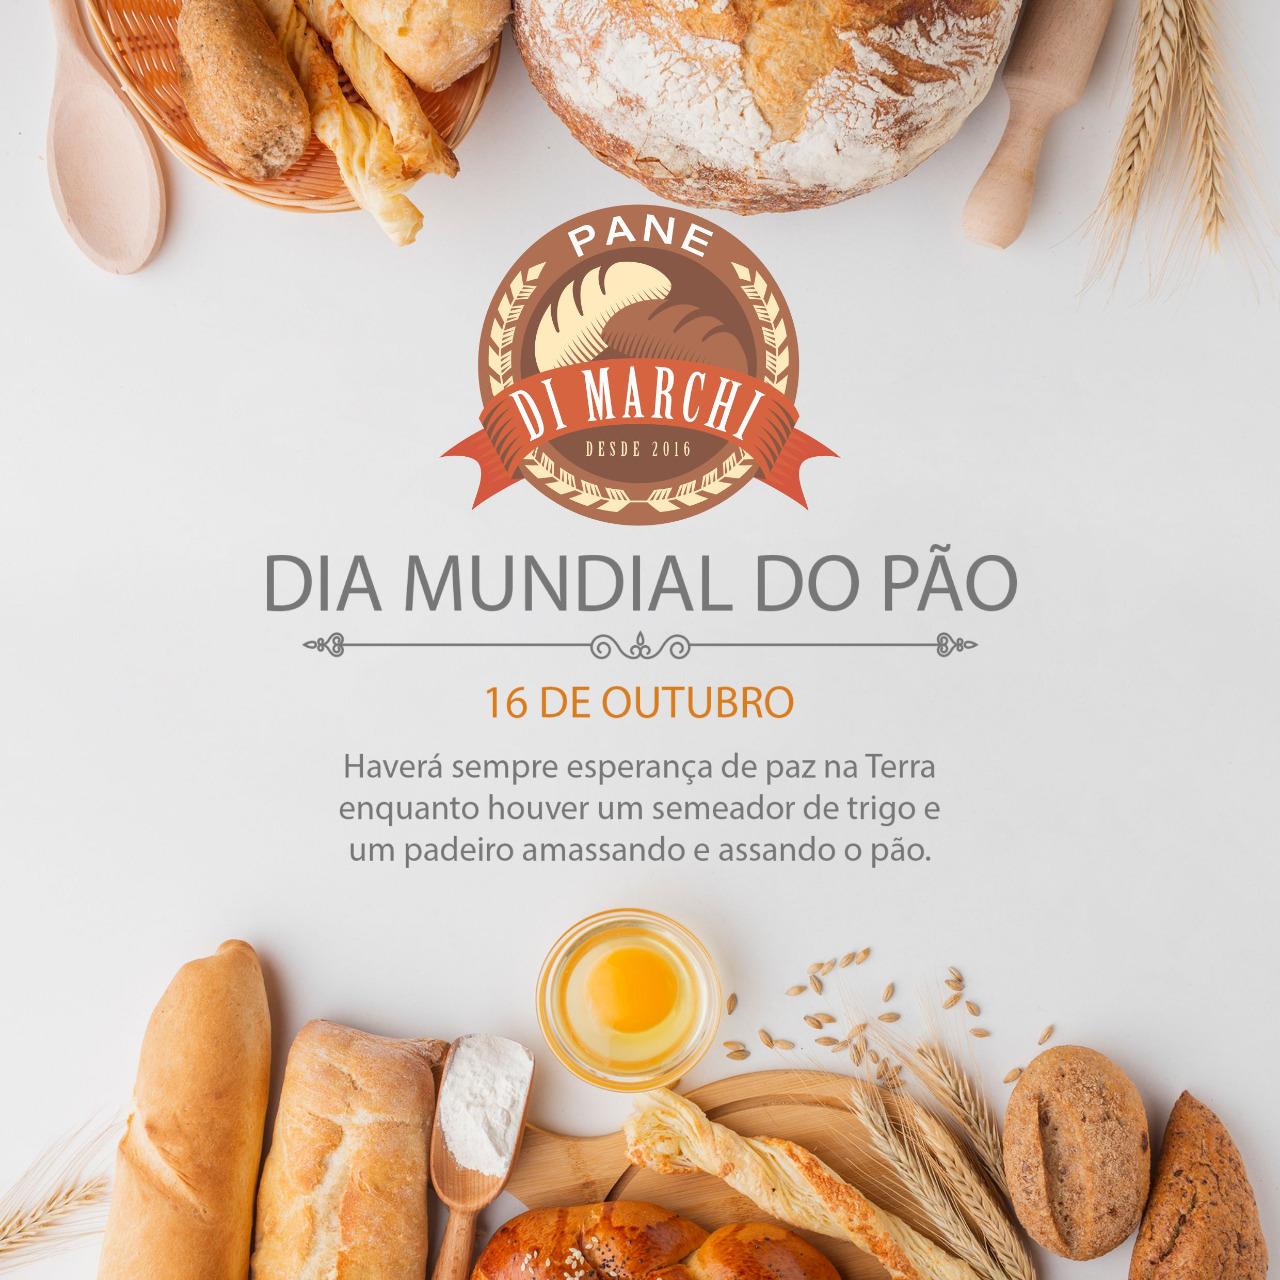 No Dia Mundial do Pão tem Rústico Tomate Seco, Baguetes e Brioches na Pane Di Marchi